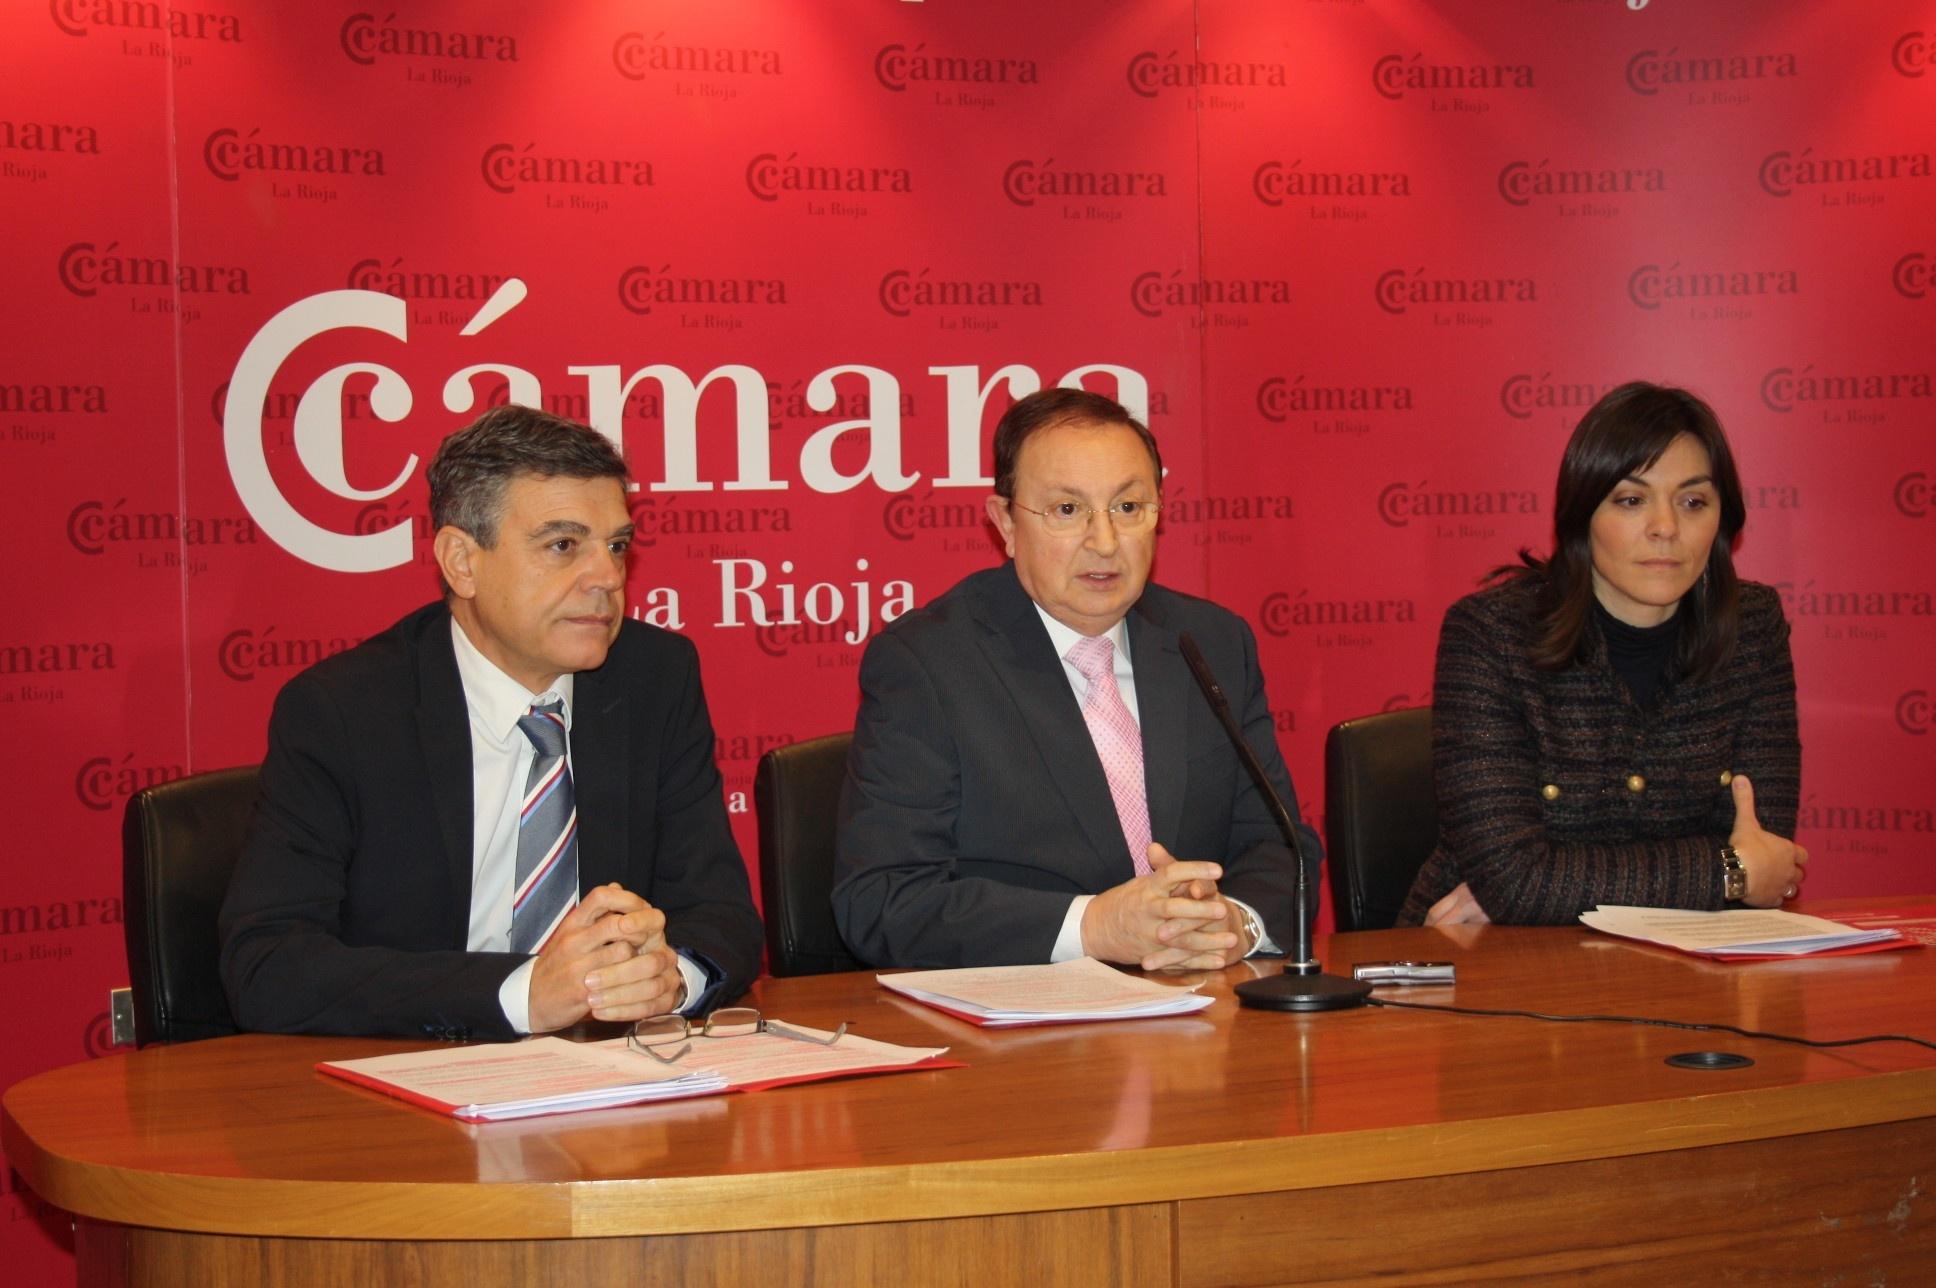 La economía riojana «no remonta el vuelo» aunque atisba esperanza «por la bajada de la prima de riesgo»